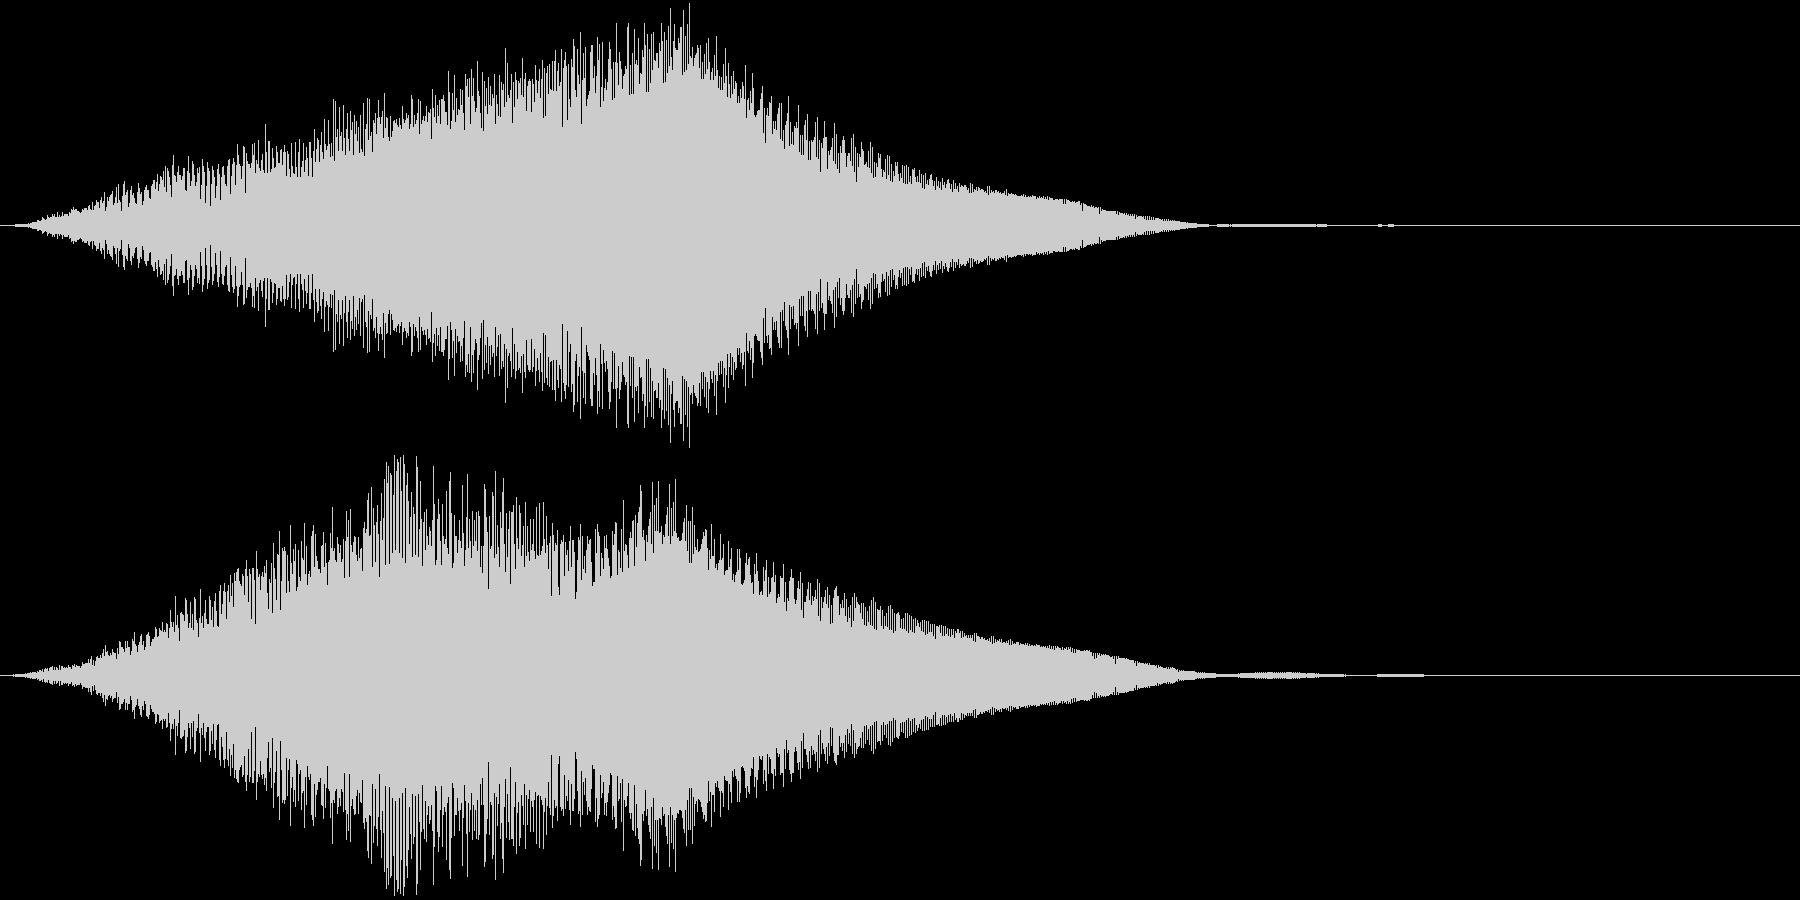 キュワワワーン(サウンドロゴ、ジングル)の未再生の波形